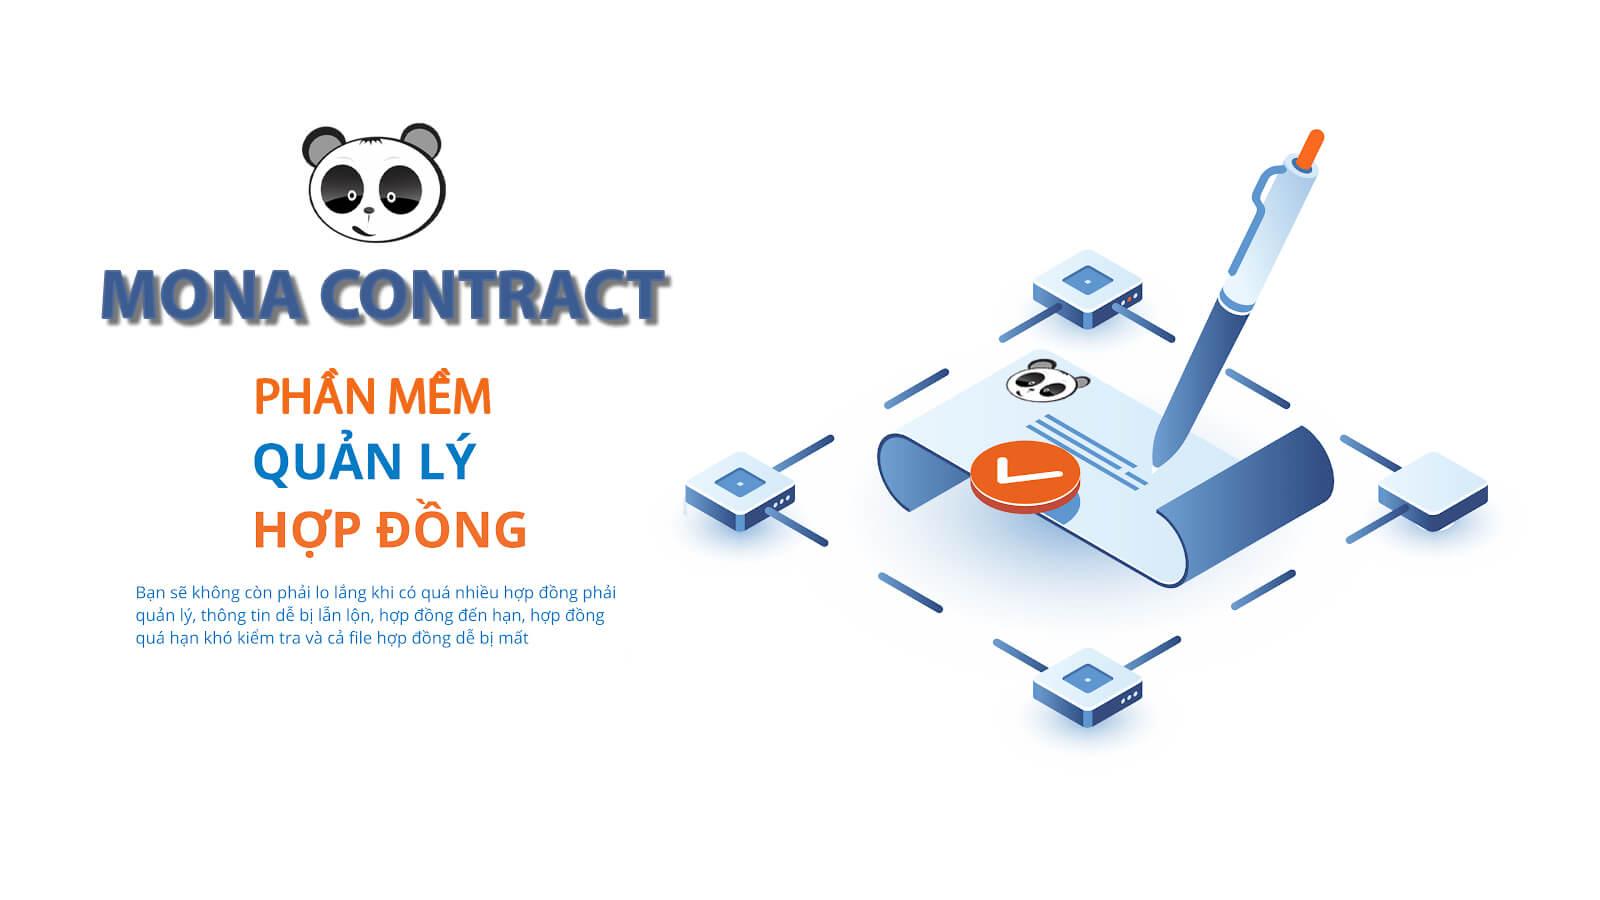 Phần mềm quản lý hợp đồng Mona Contract